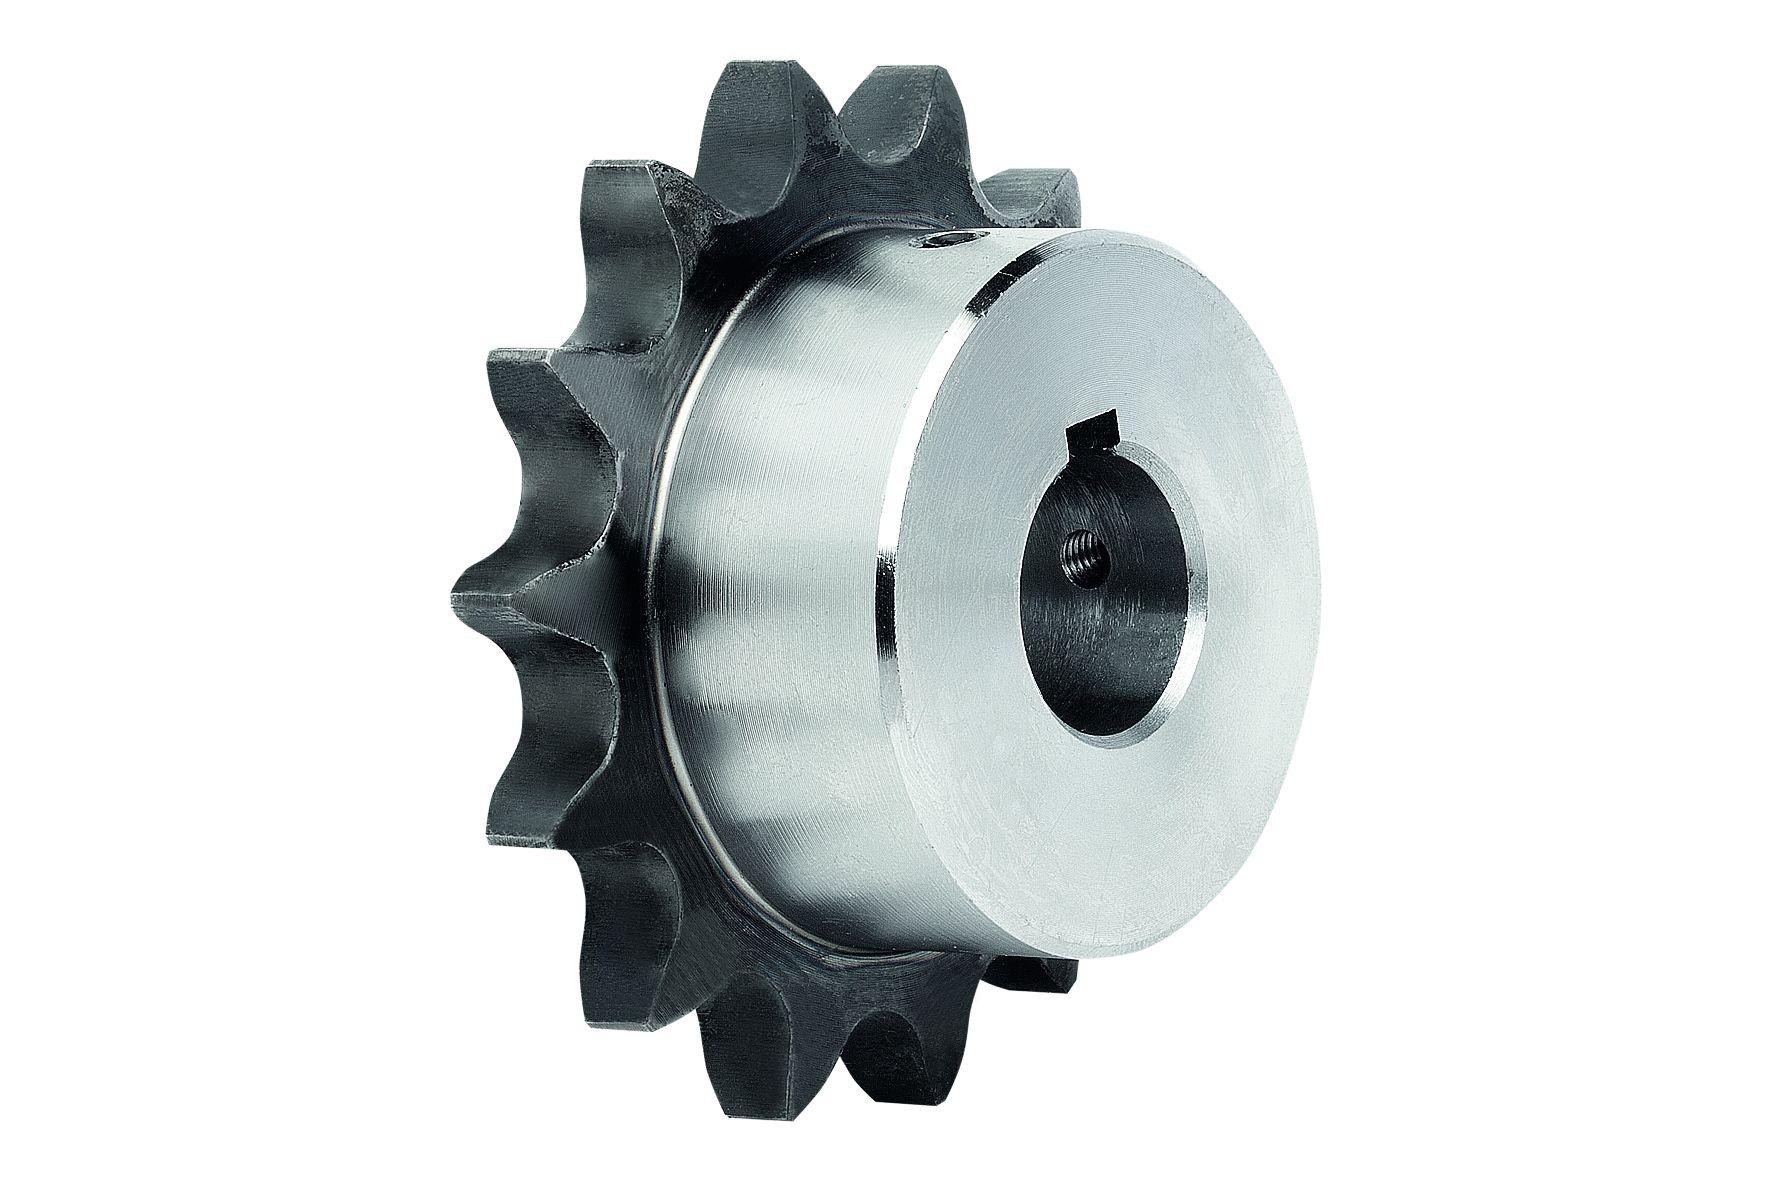 Werkstoff: Stahl C45. Ausführung: blank. Zähne induktiv gehärtet ~HRC 50. Hinweis: Einbaufertige Kettenräder mit einseit